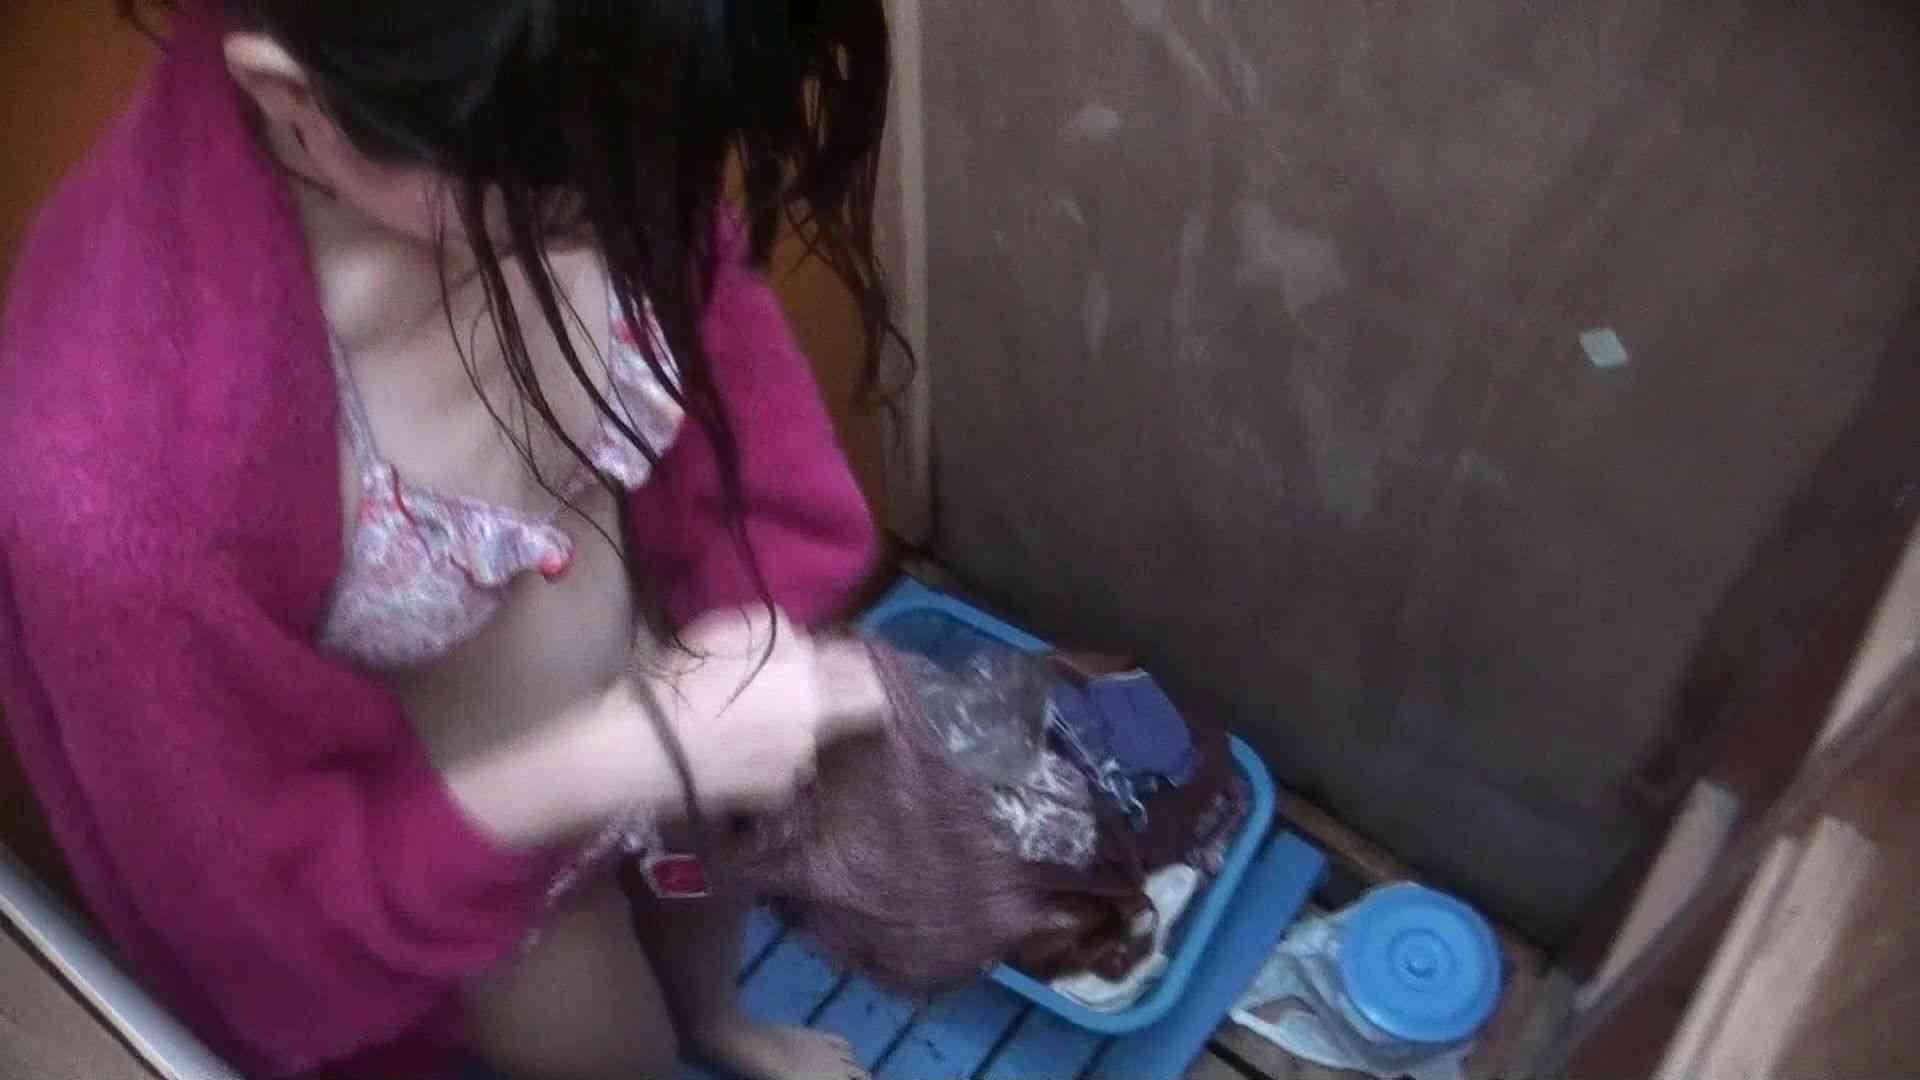 シャワールームは超!!危険な香りVol.29 こっちを向いて欲しい貧乳姉さん 高画質 | 貧乳  67PICs 1